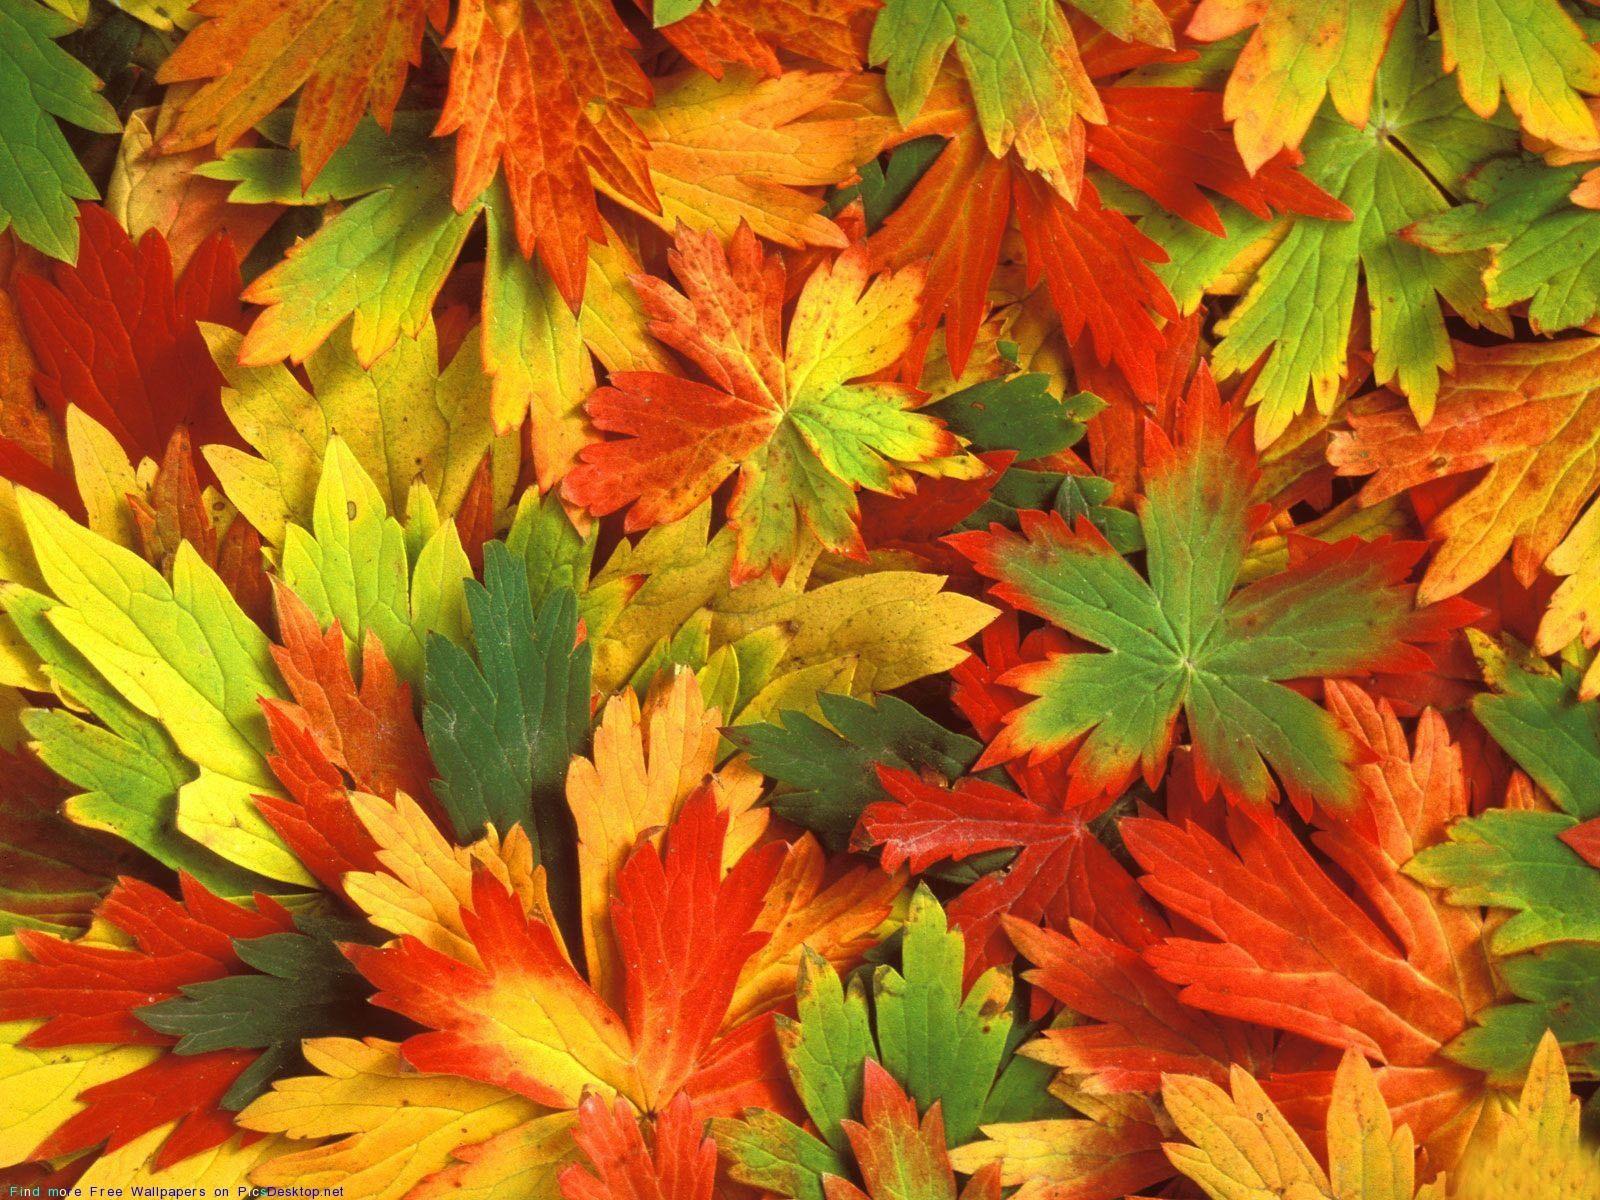 20756 скачать обои Фон, Осень, Листья - заставки и картинки бесплатно